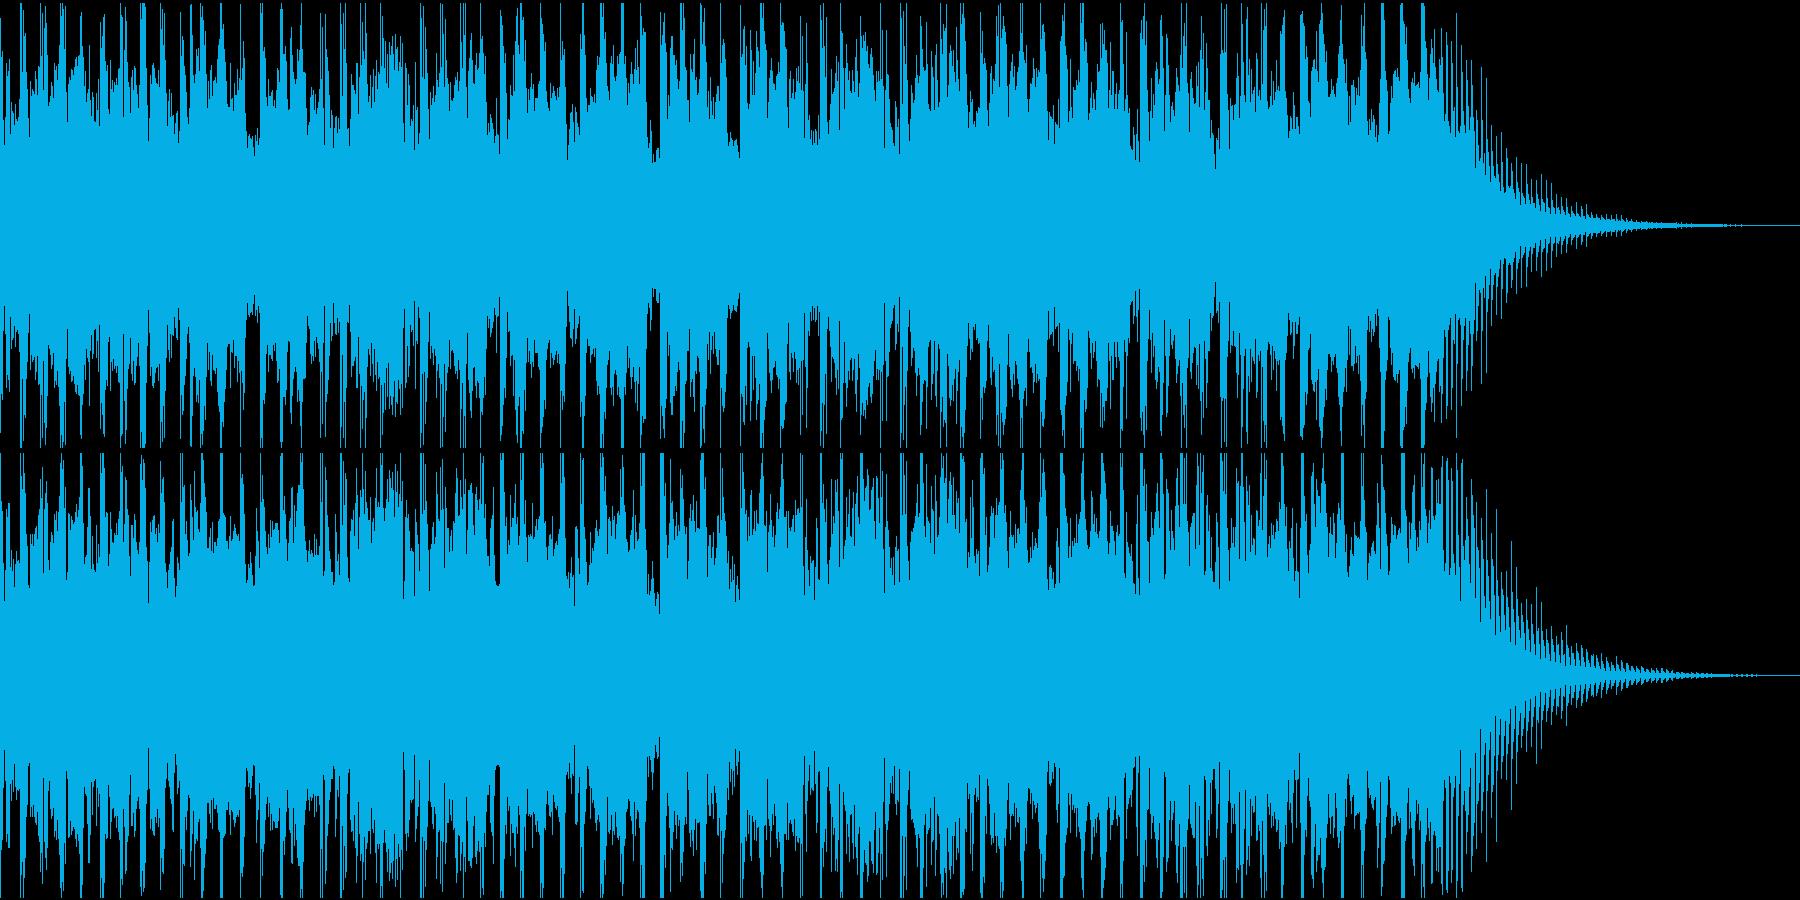 近未来の雰囲気テクノの再生済みの波形